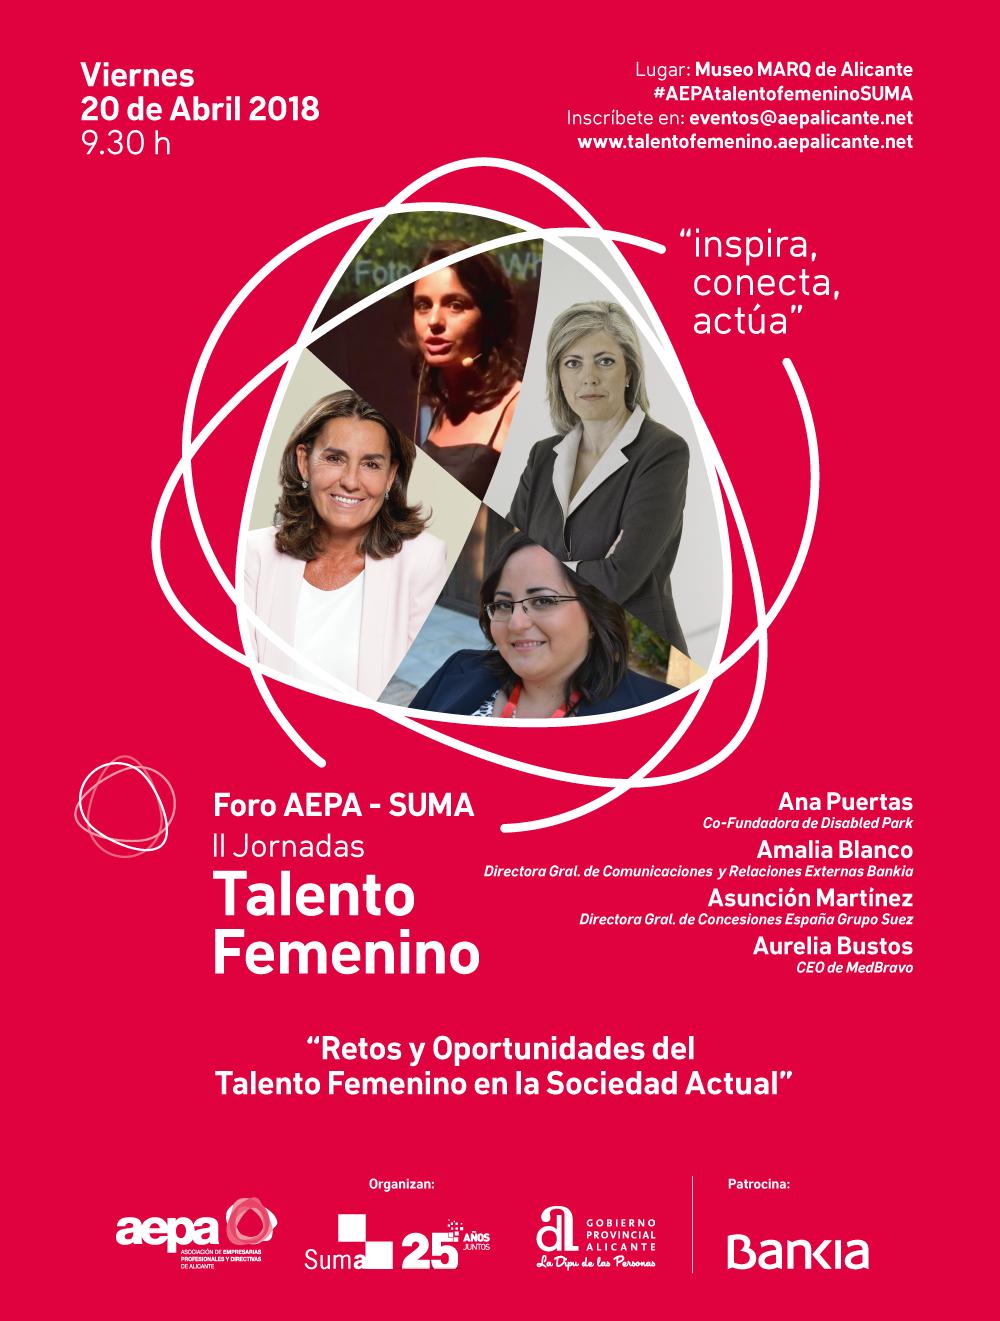 """Foro AEPA-SUMA: """"Retos y Oportunidades sobre el Talento Femenino en la Sociedad Actual"""""""